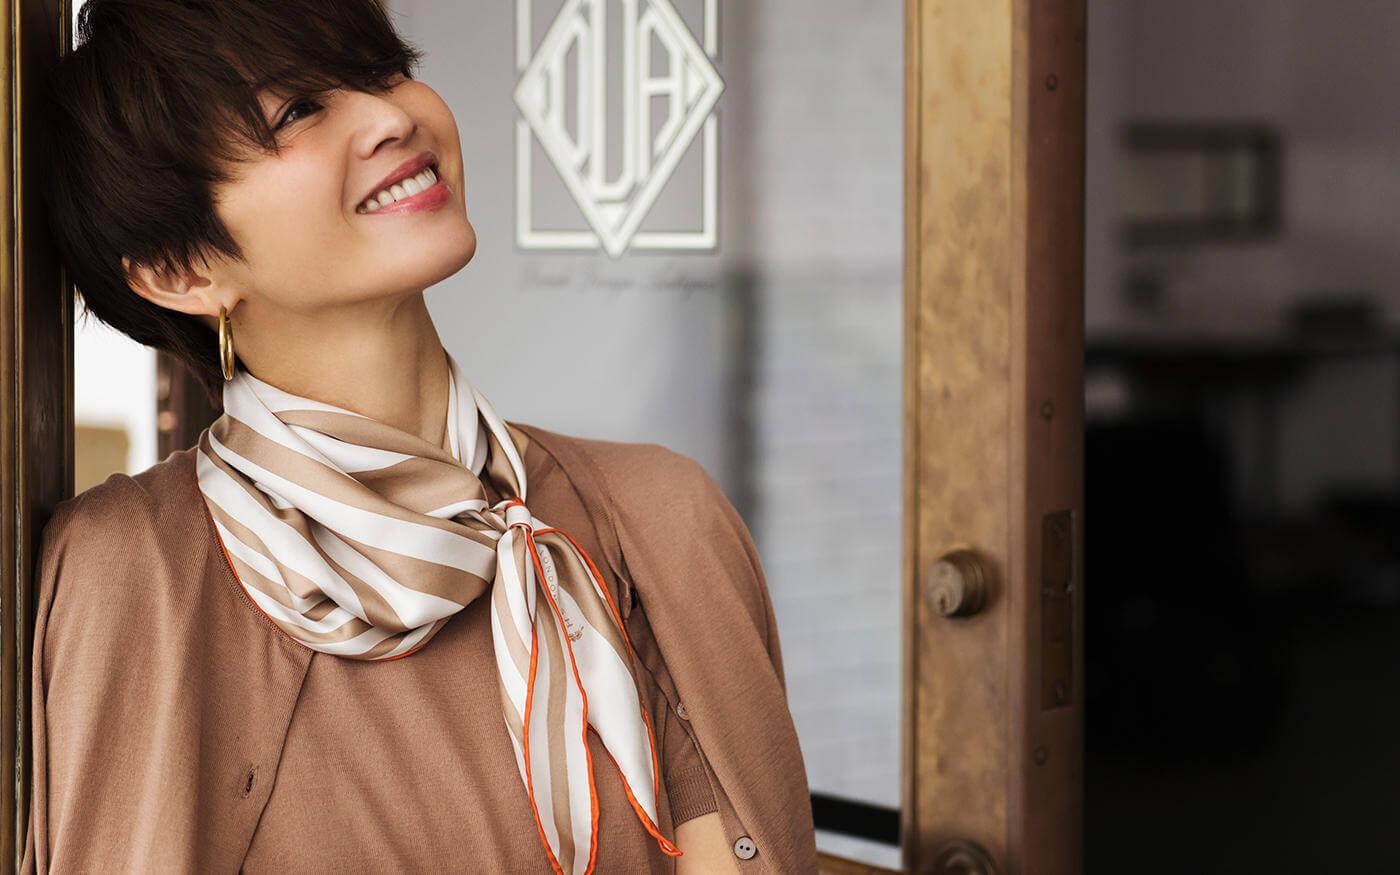 スカーフを巻いた女性